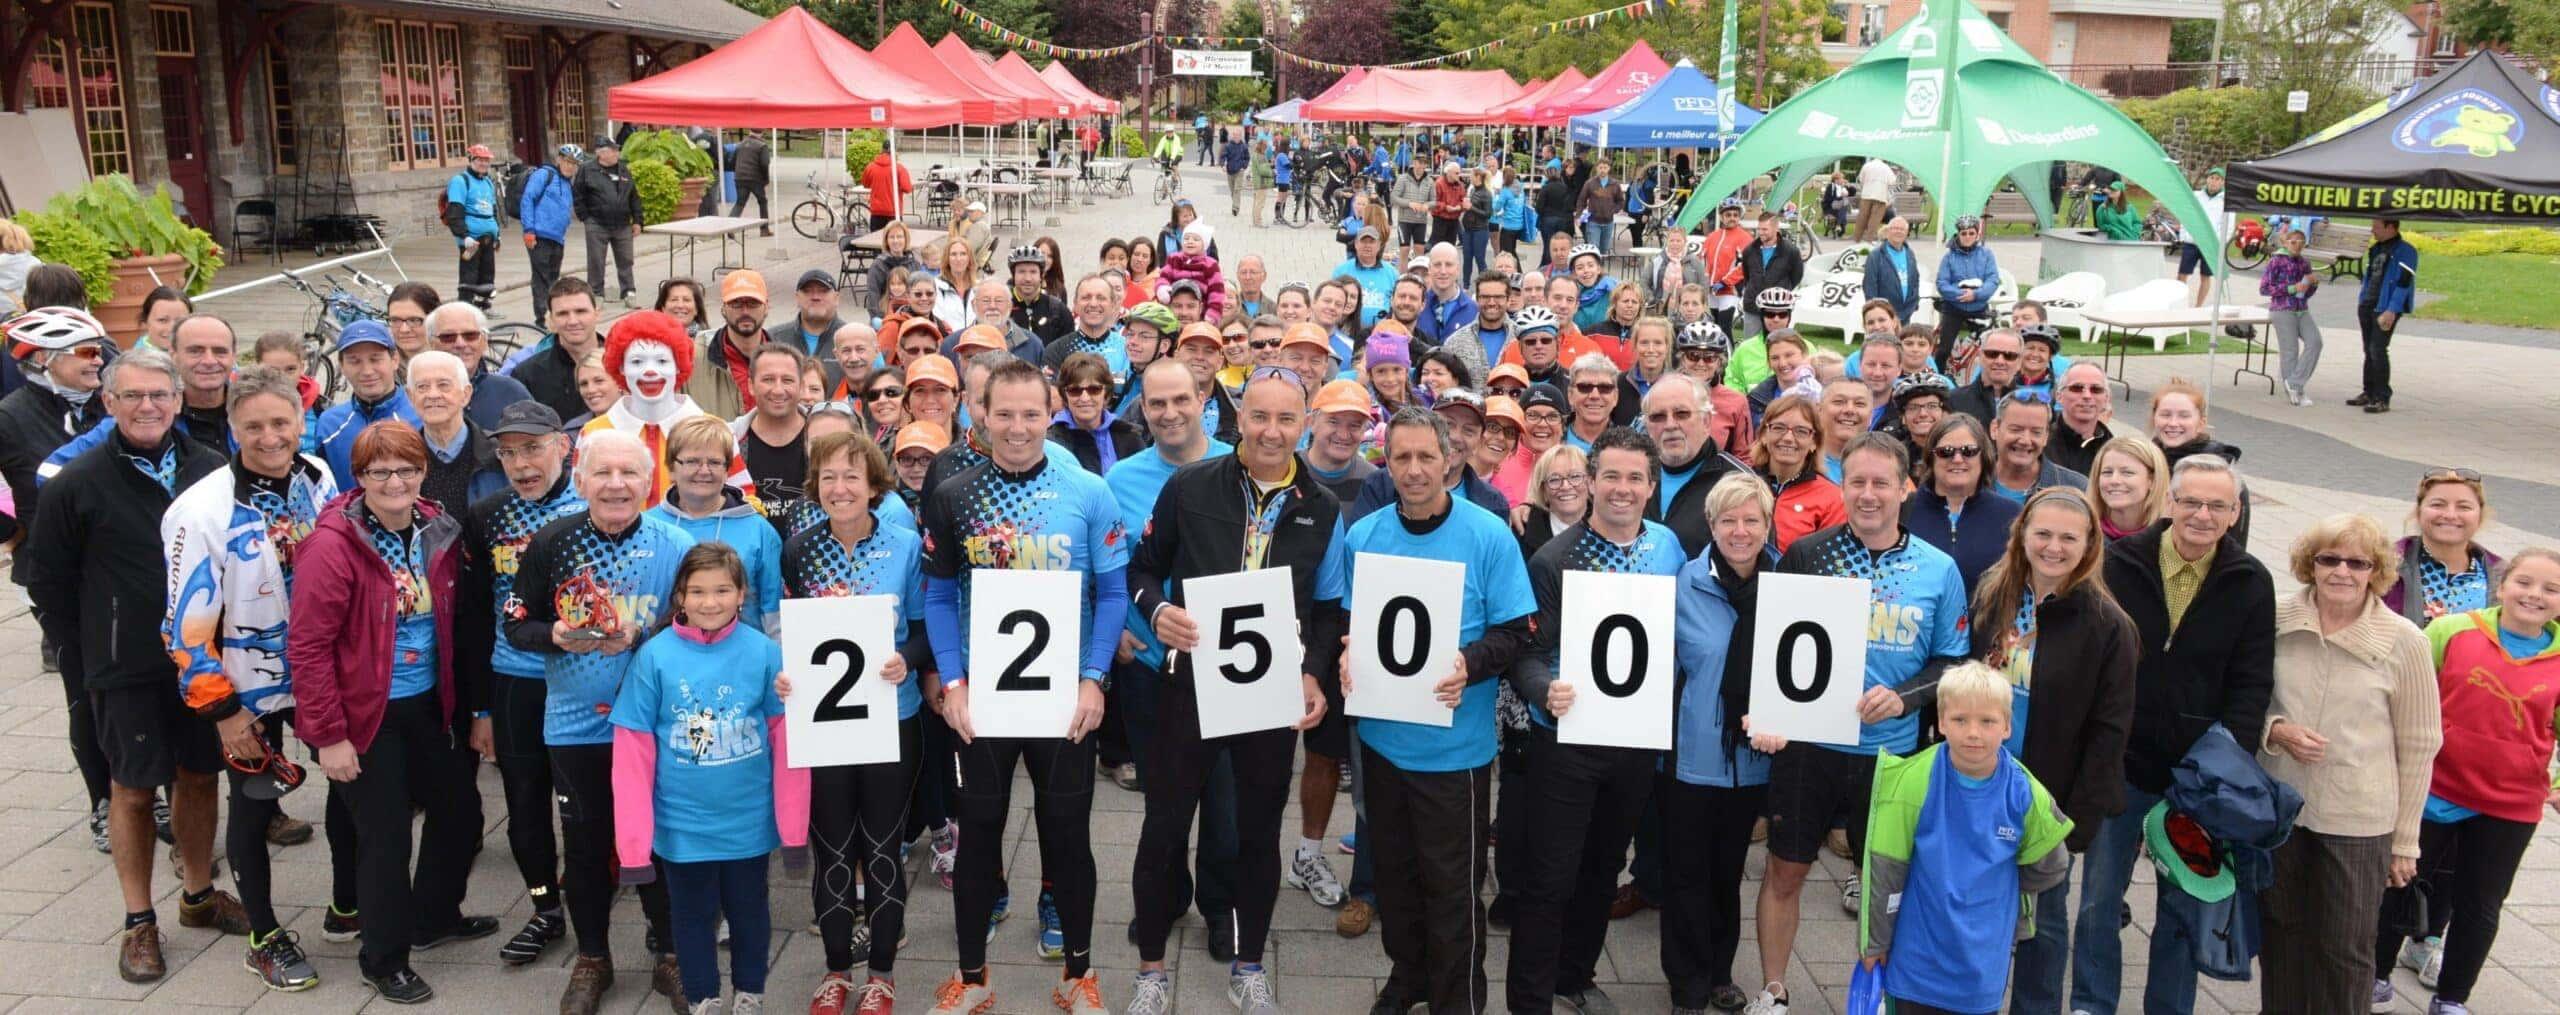 Une partie des 900 cyclistes qui ont roulé pour la Fondation de l'Hôpital régional à la Place de la Gare de Saint-Jérôme, dimanche.